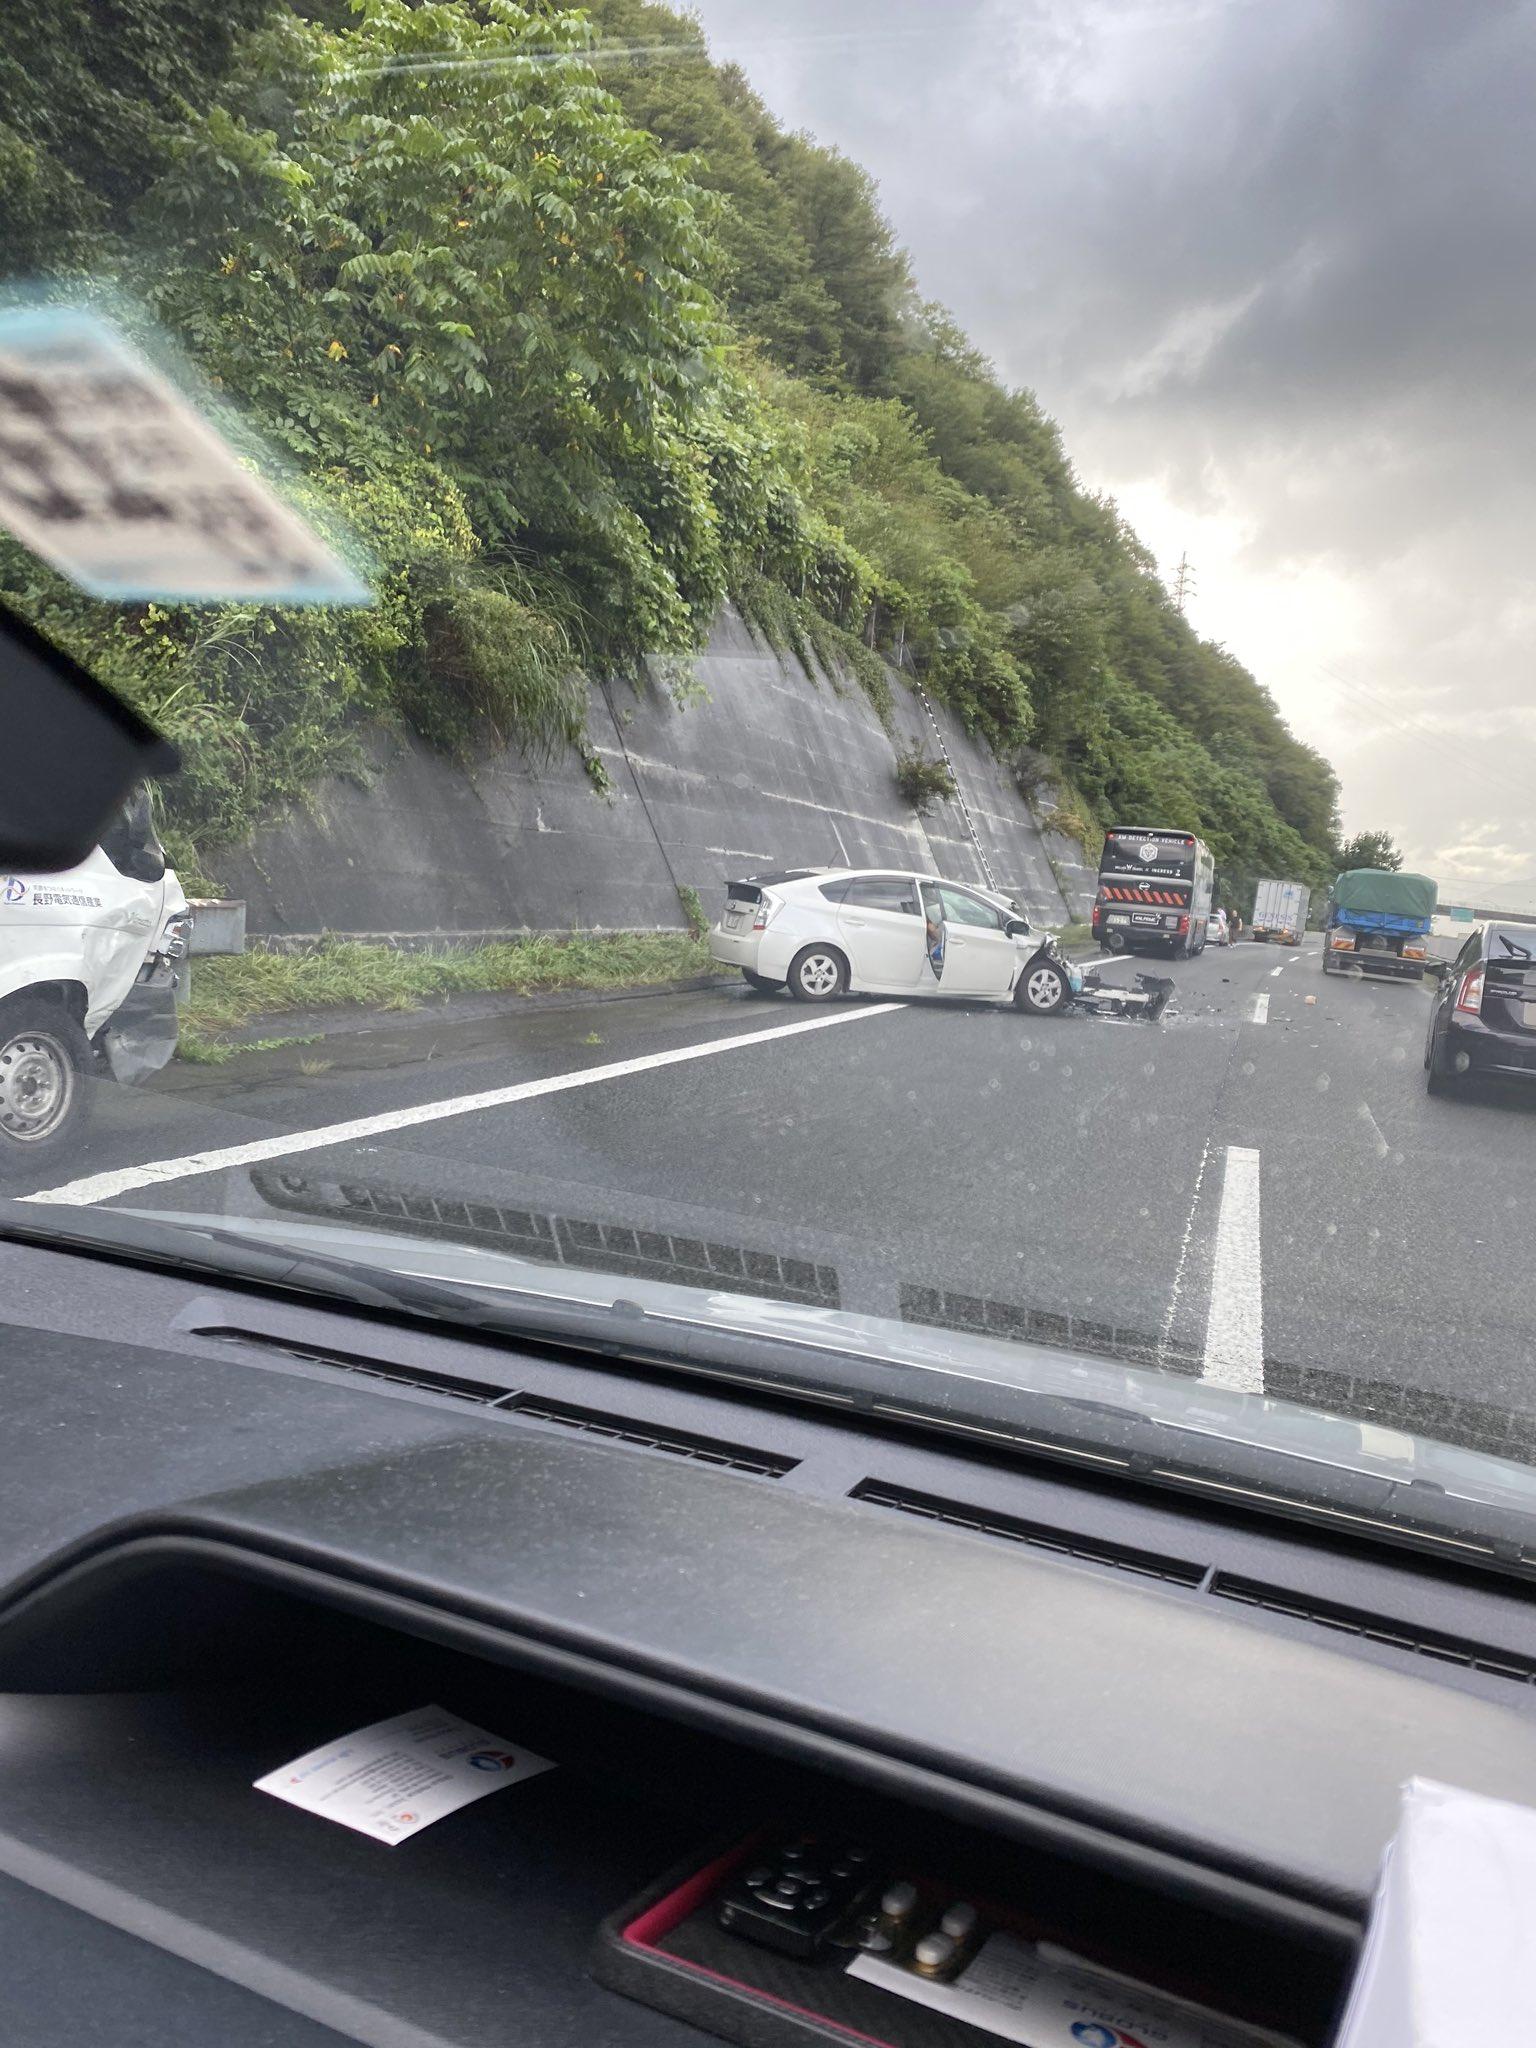 中央道の勝沼IC付近の交通事故現場の画像